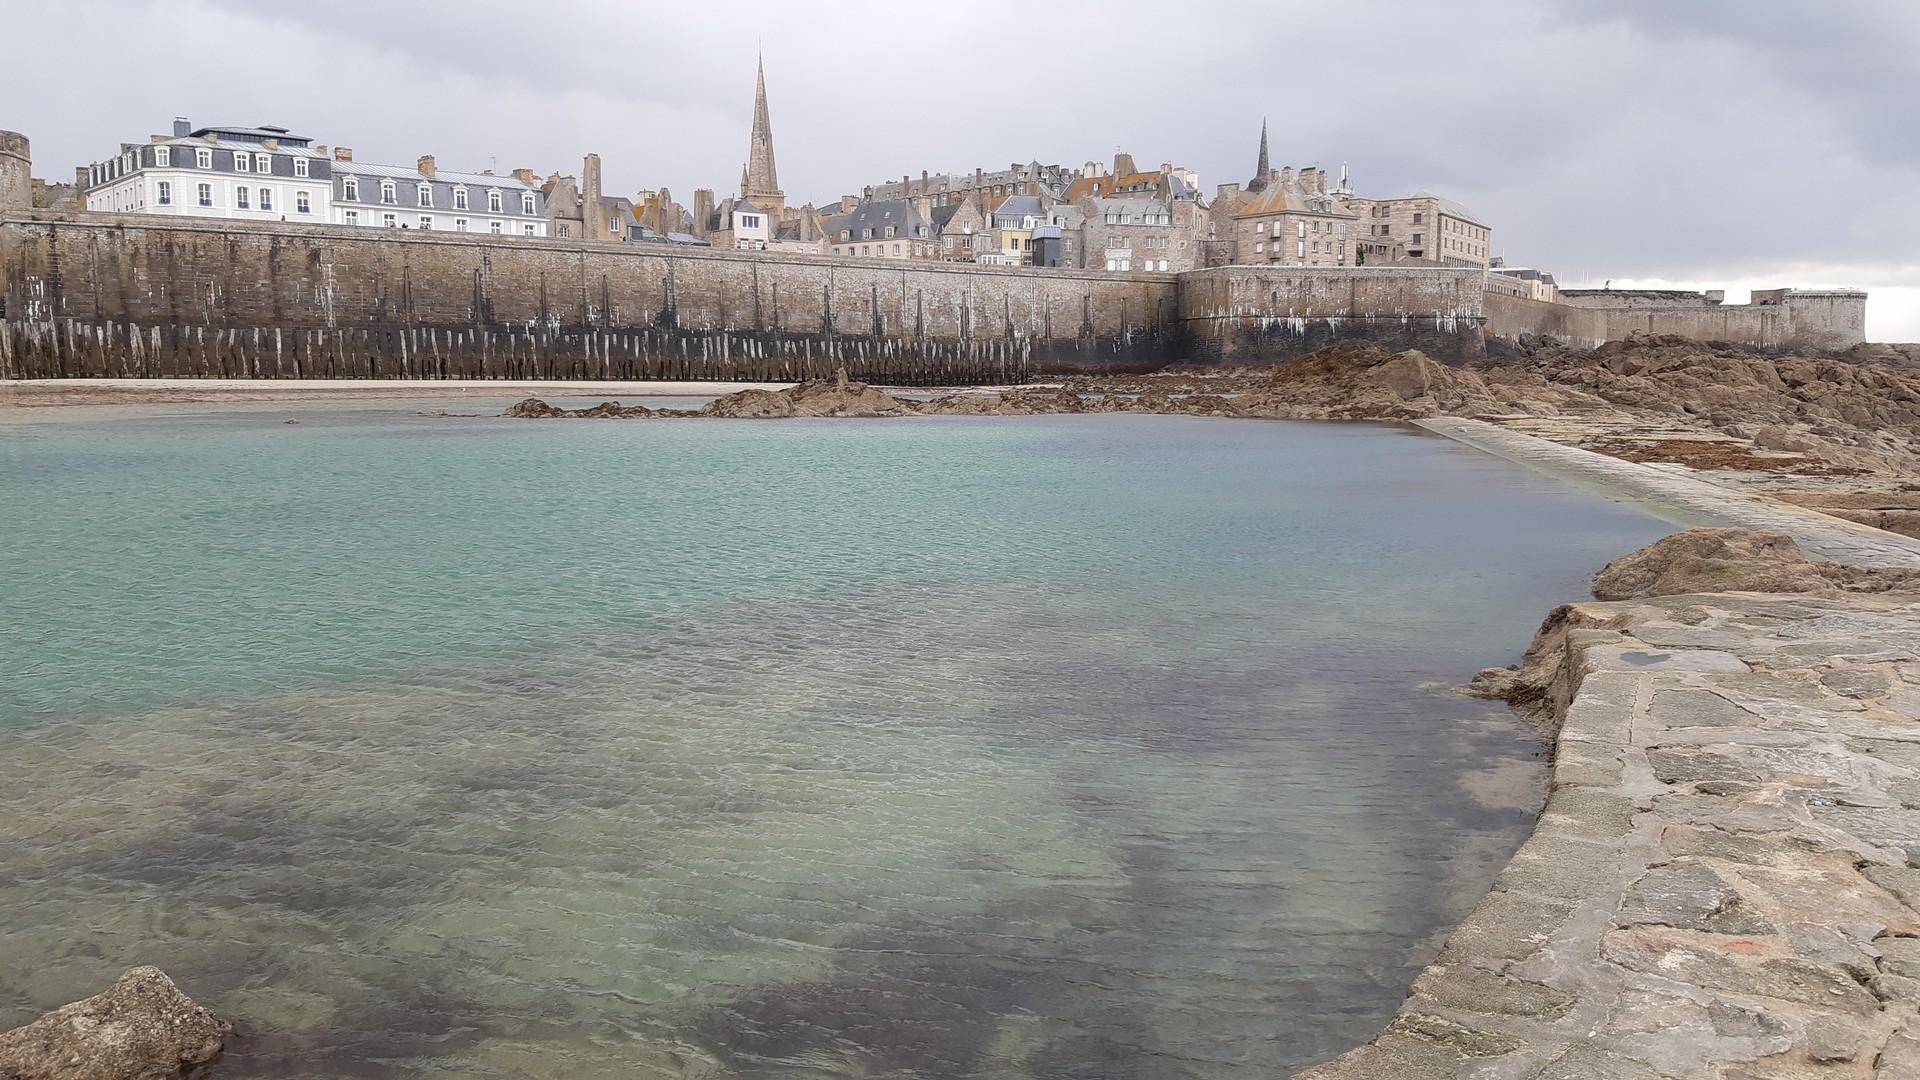 Stadtmauer von Saint-Malo in der Bretagne